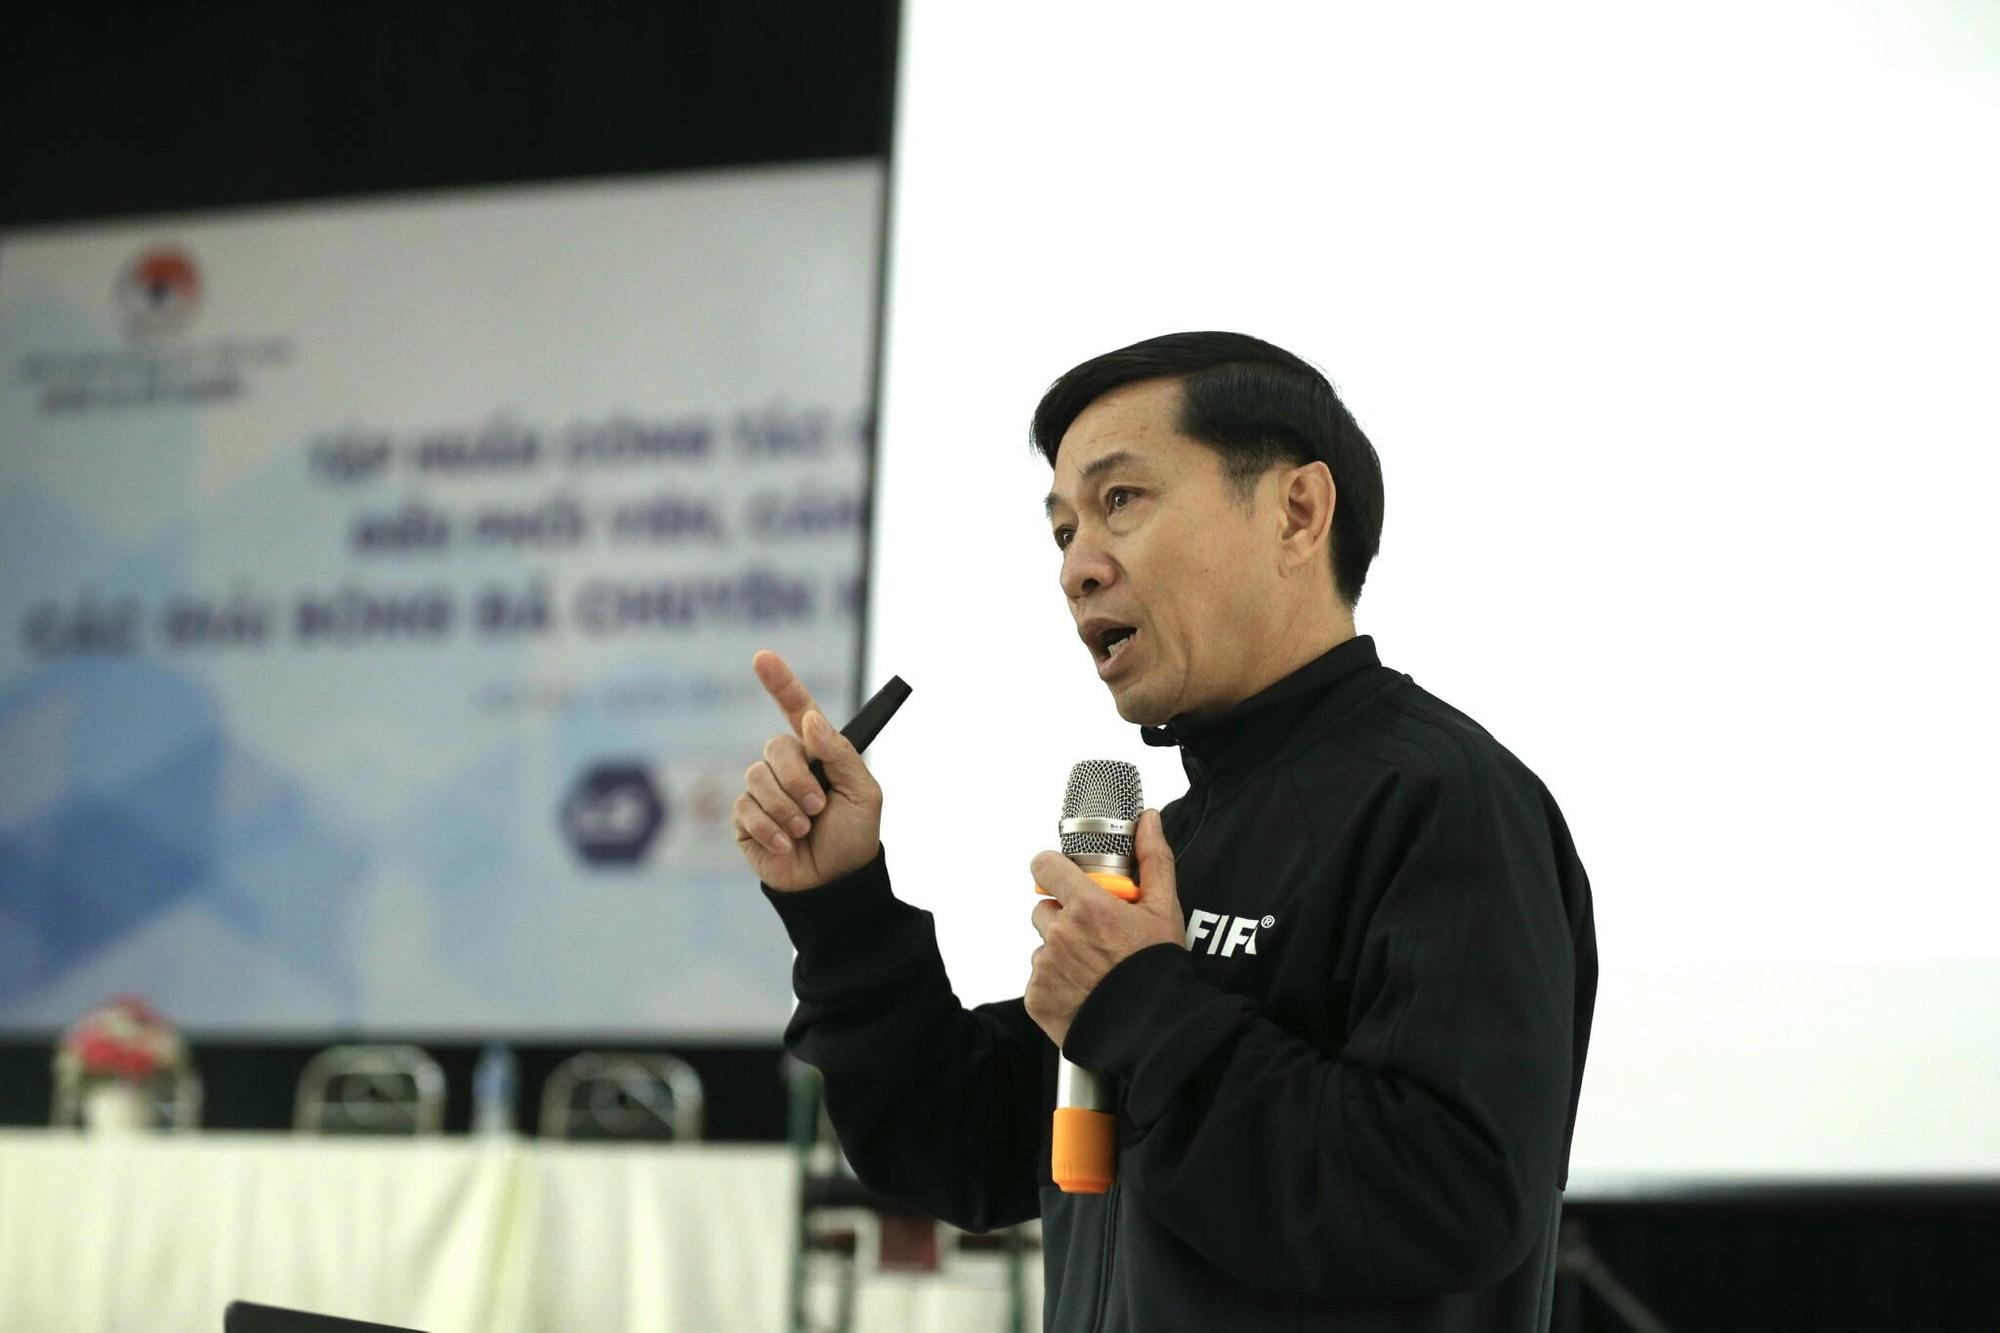 Trưởng ban trọng tài Dương Văn Hiền: 'Sai sót là không tránh khỏi' - Ảnh 1.